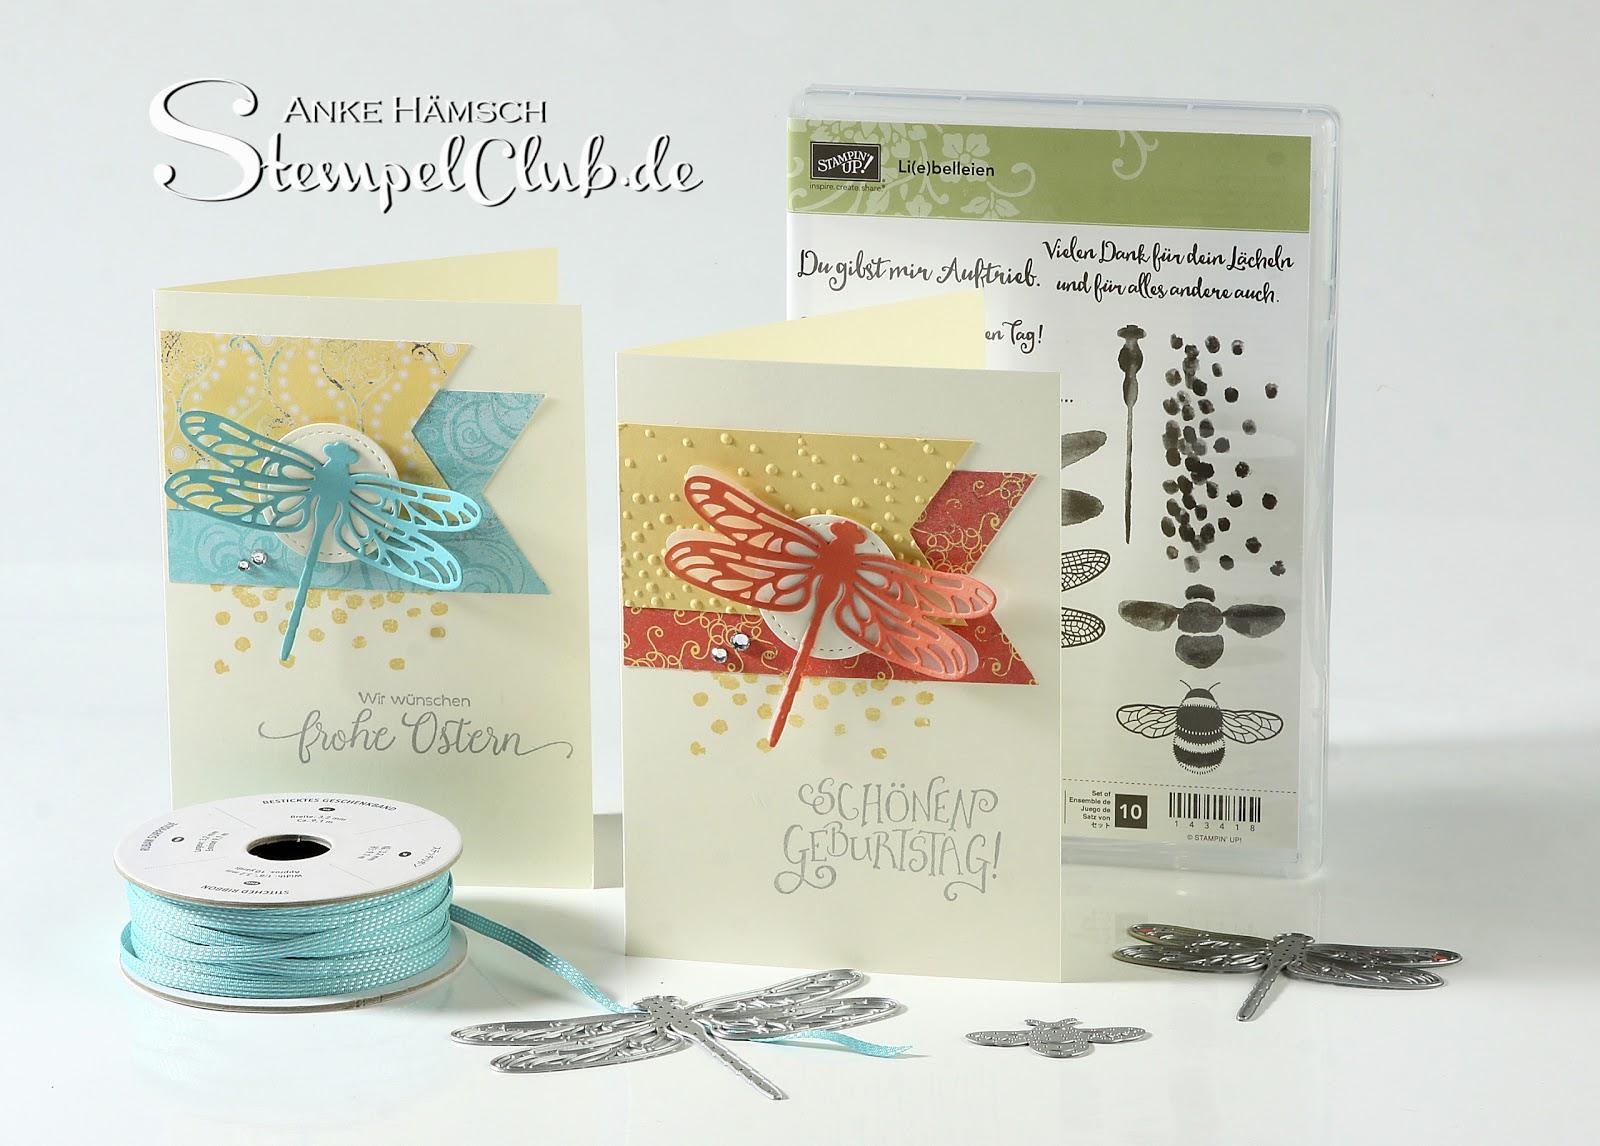 Grußkarte mit dem Produktpaket Li(e)belleien aus dem Mini-Katalog von Stampin' Up!